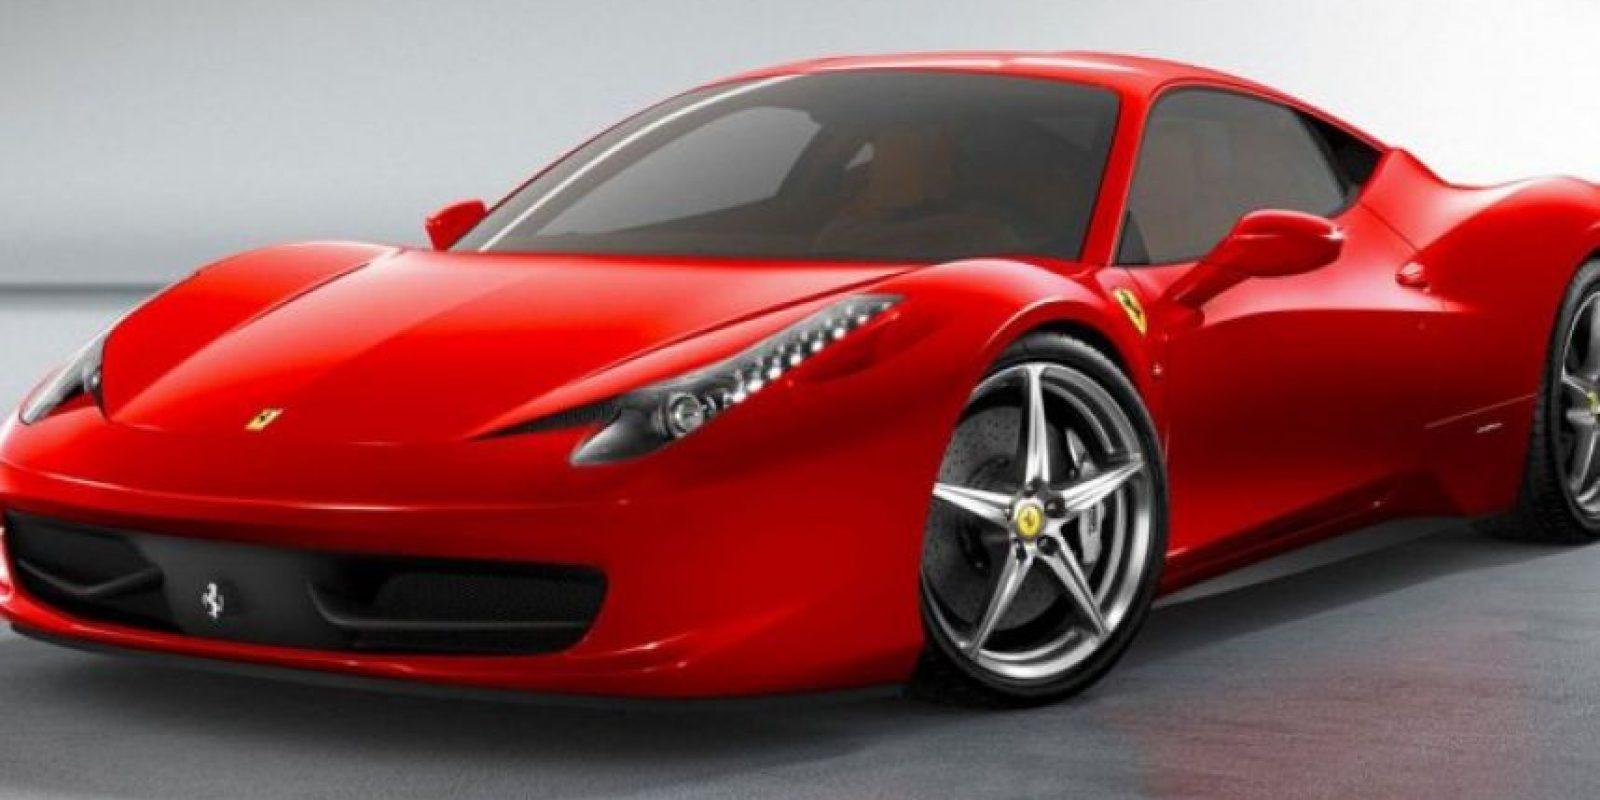 """Este automóvil, nombrado """"Ferrari 458 Italia"""" fue lanzado en 2009 y tiene un precio aproximado de 250 mil dólares. Foto:ferrari.com"""